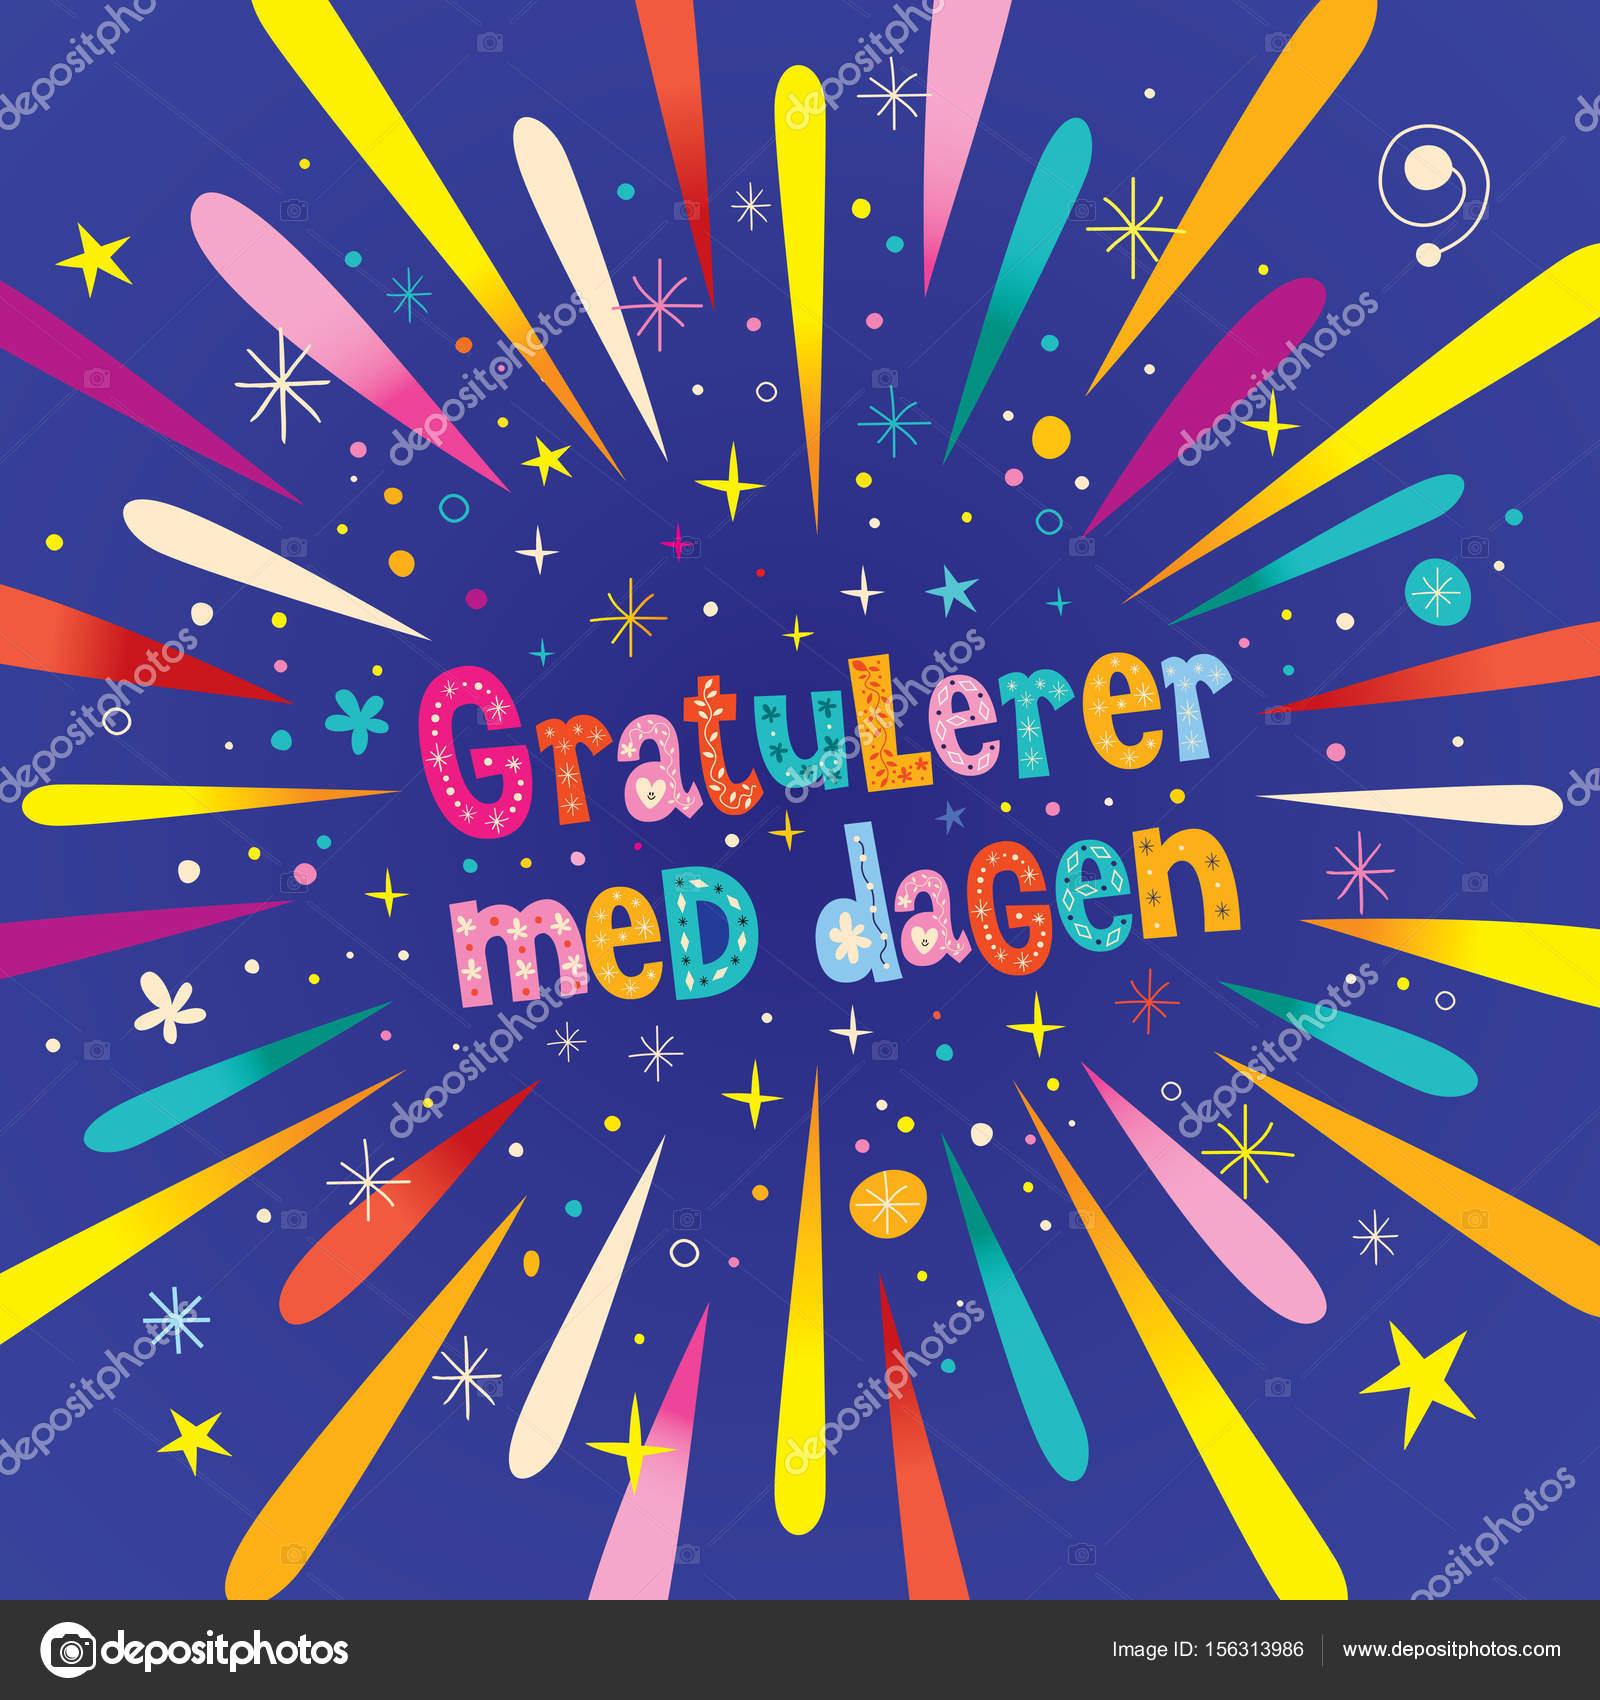 grattis på födelsedagen på norska Gratulerer med dagen Grattis i norska — Stock Vektor © Aliasching  grattis på födelsedagen på norska